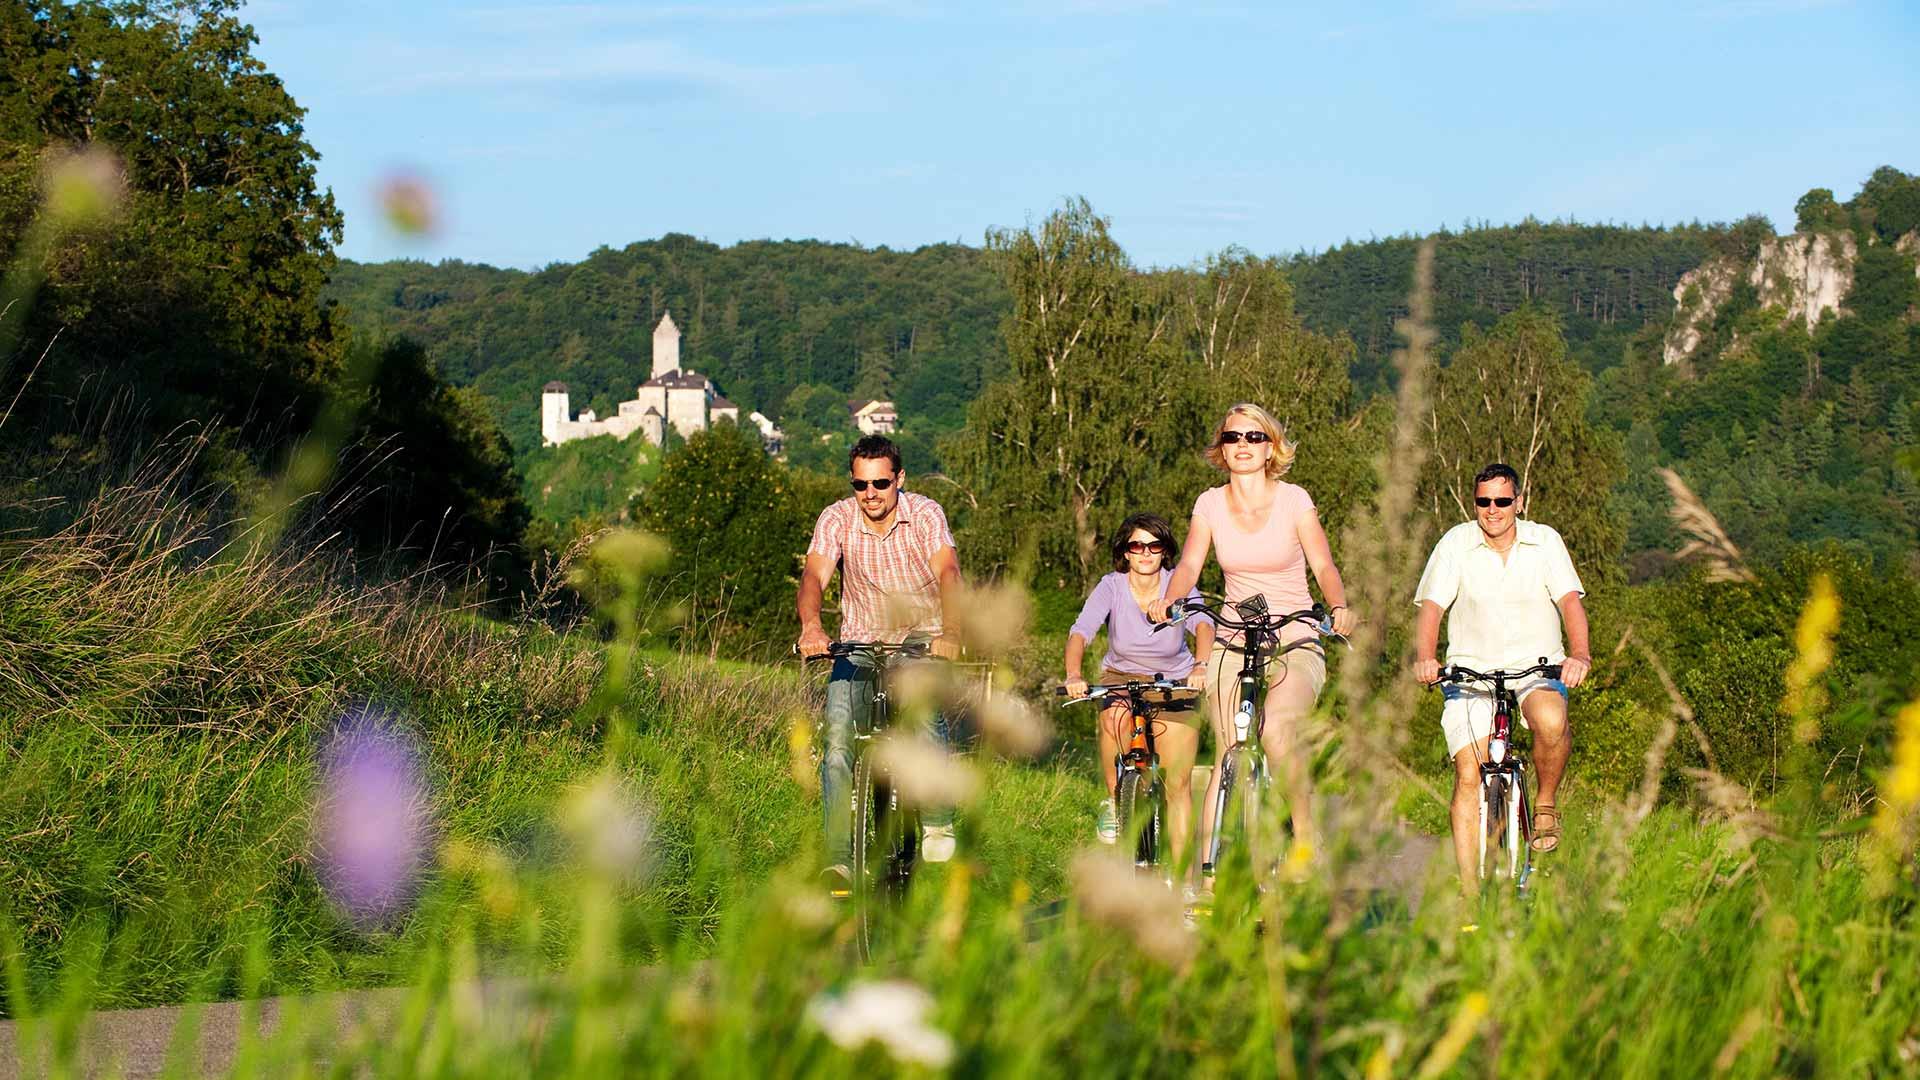 Fietsen in het Altmühltal met op de achtergrond Burg Kipfenberg